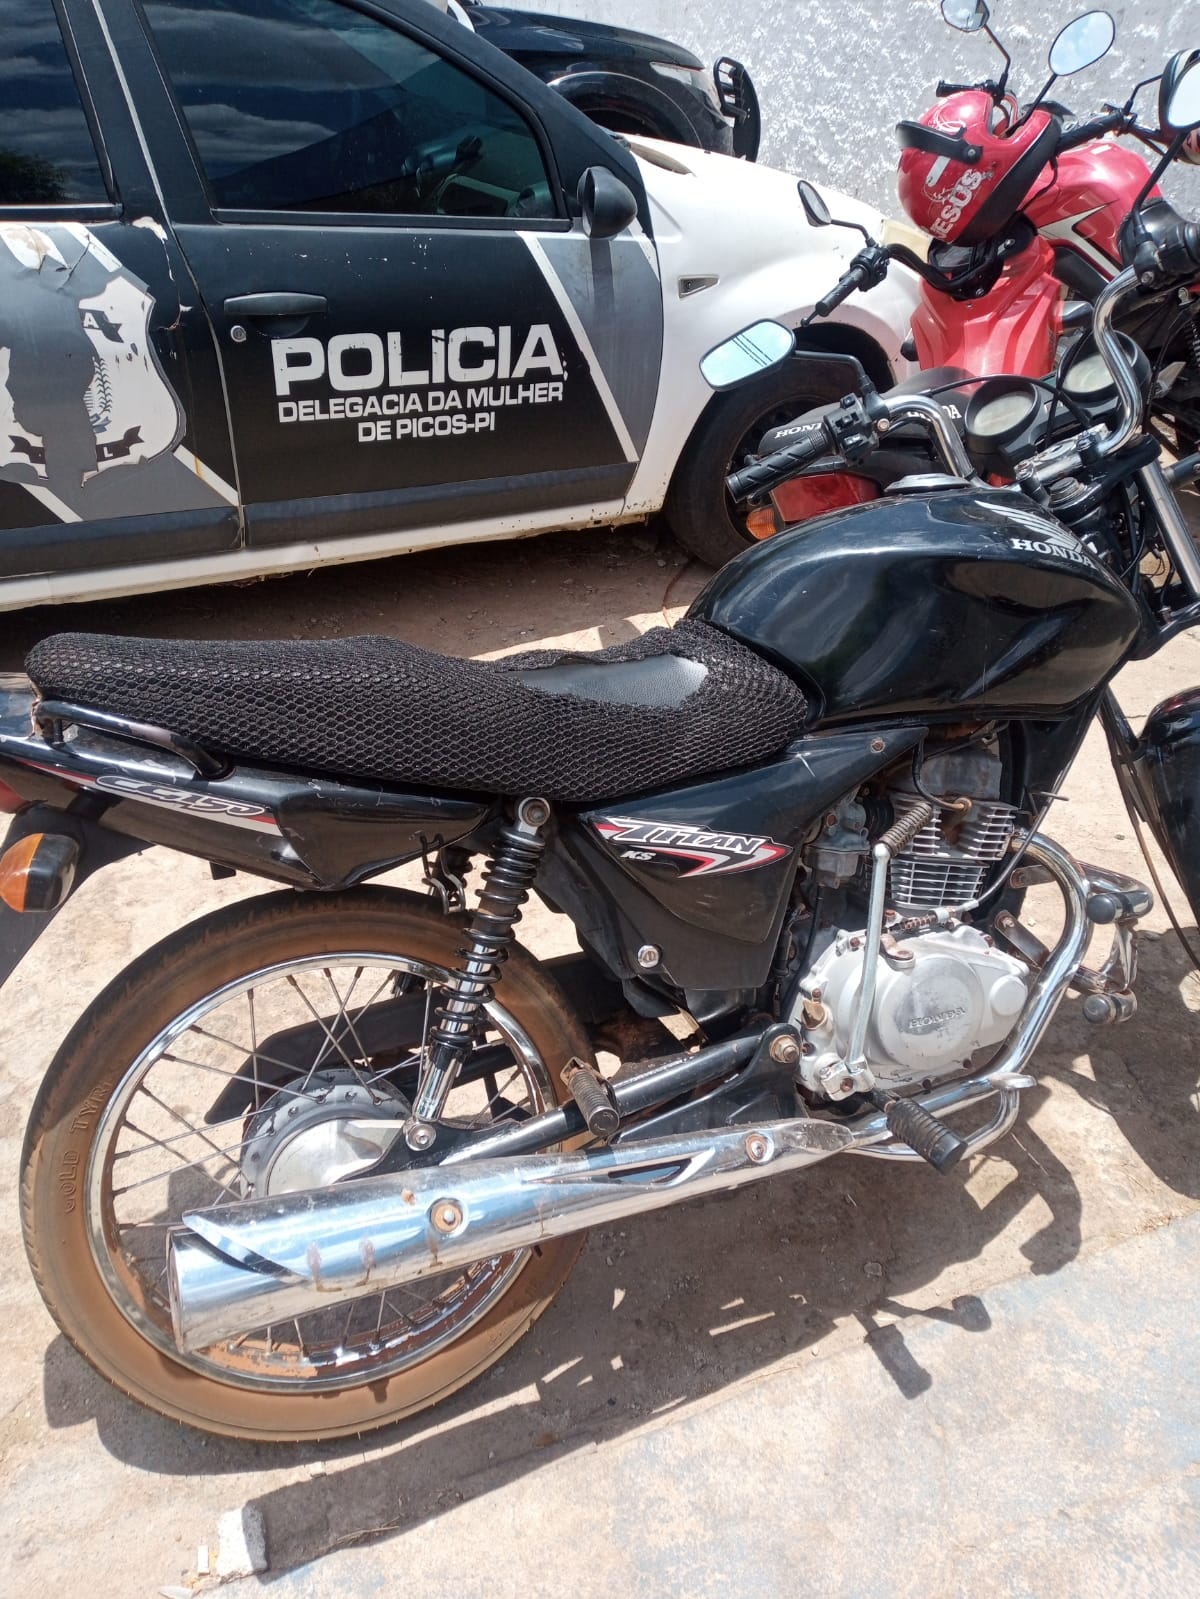 Em Itainópolis, Polícia Militar recupera motocicleta com restrição de furto e roubo